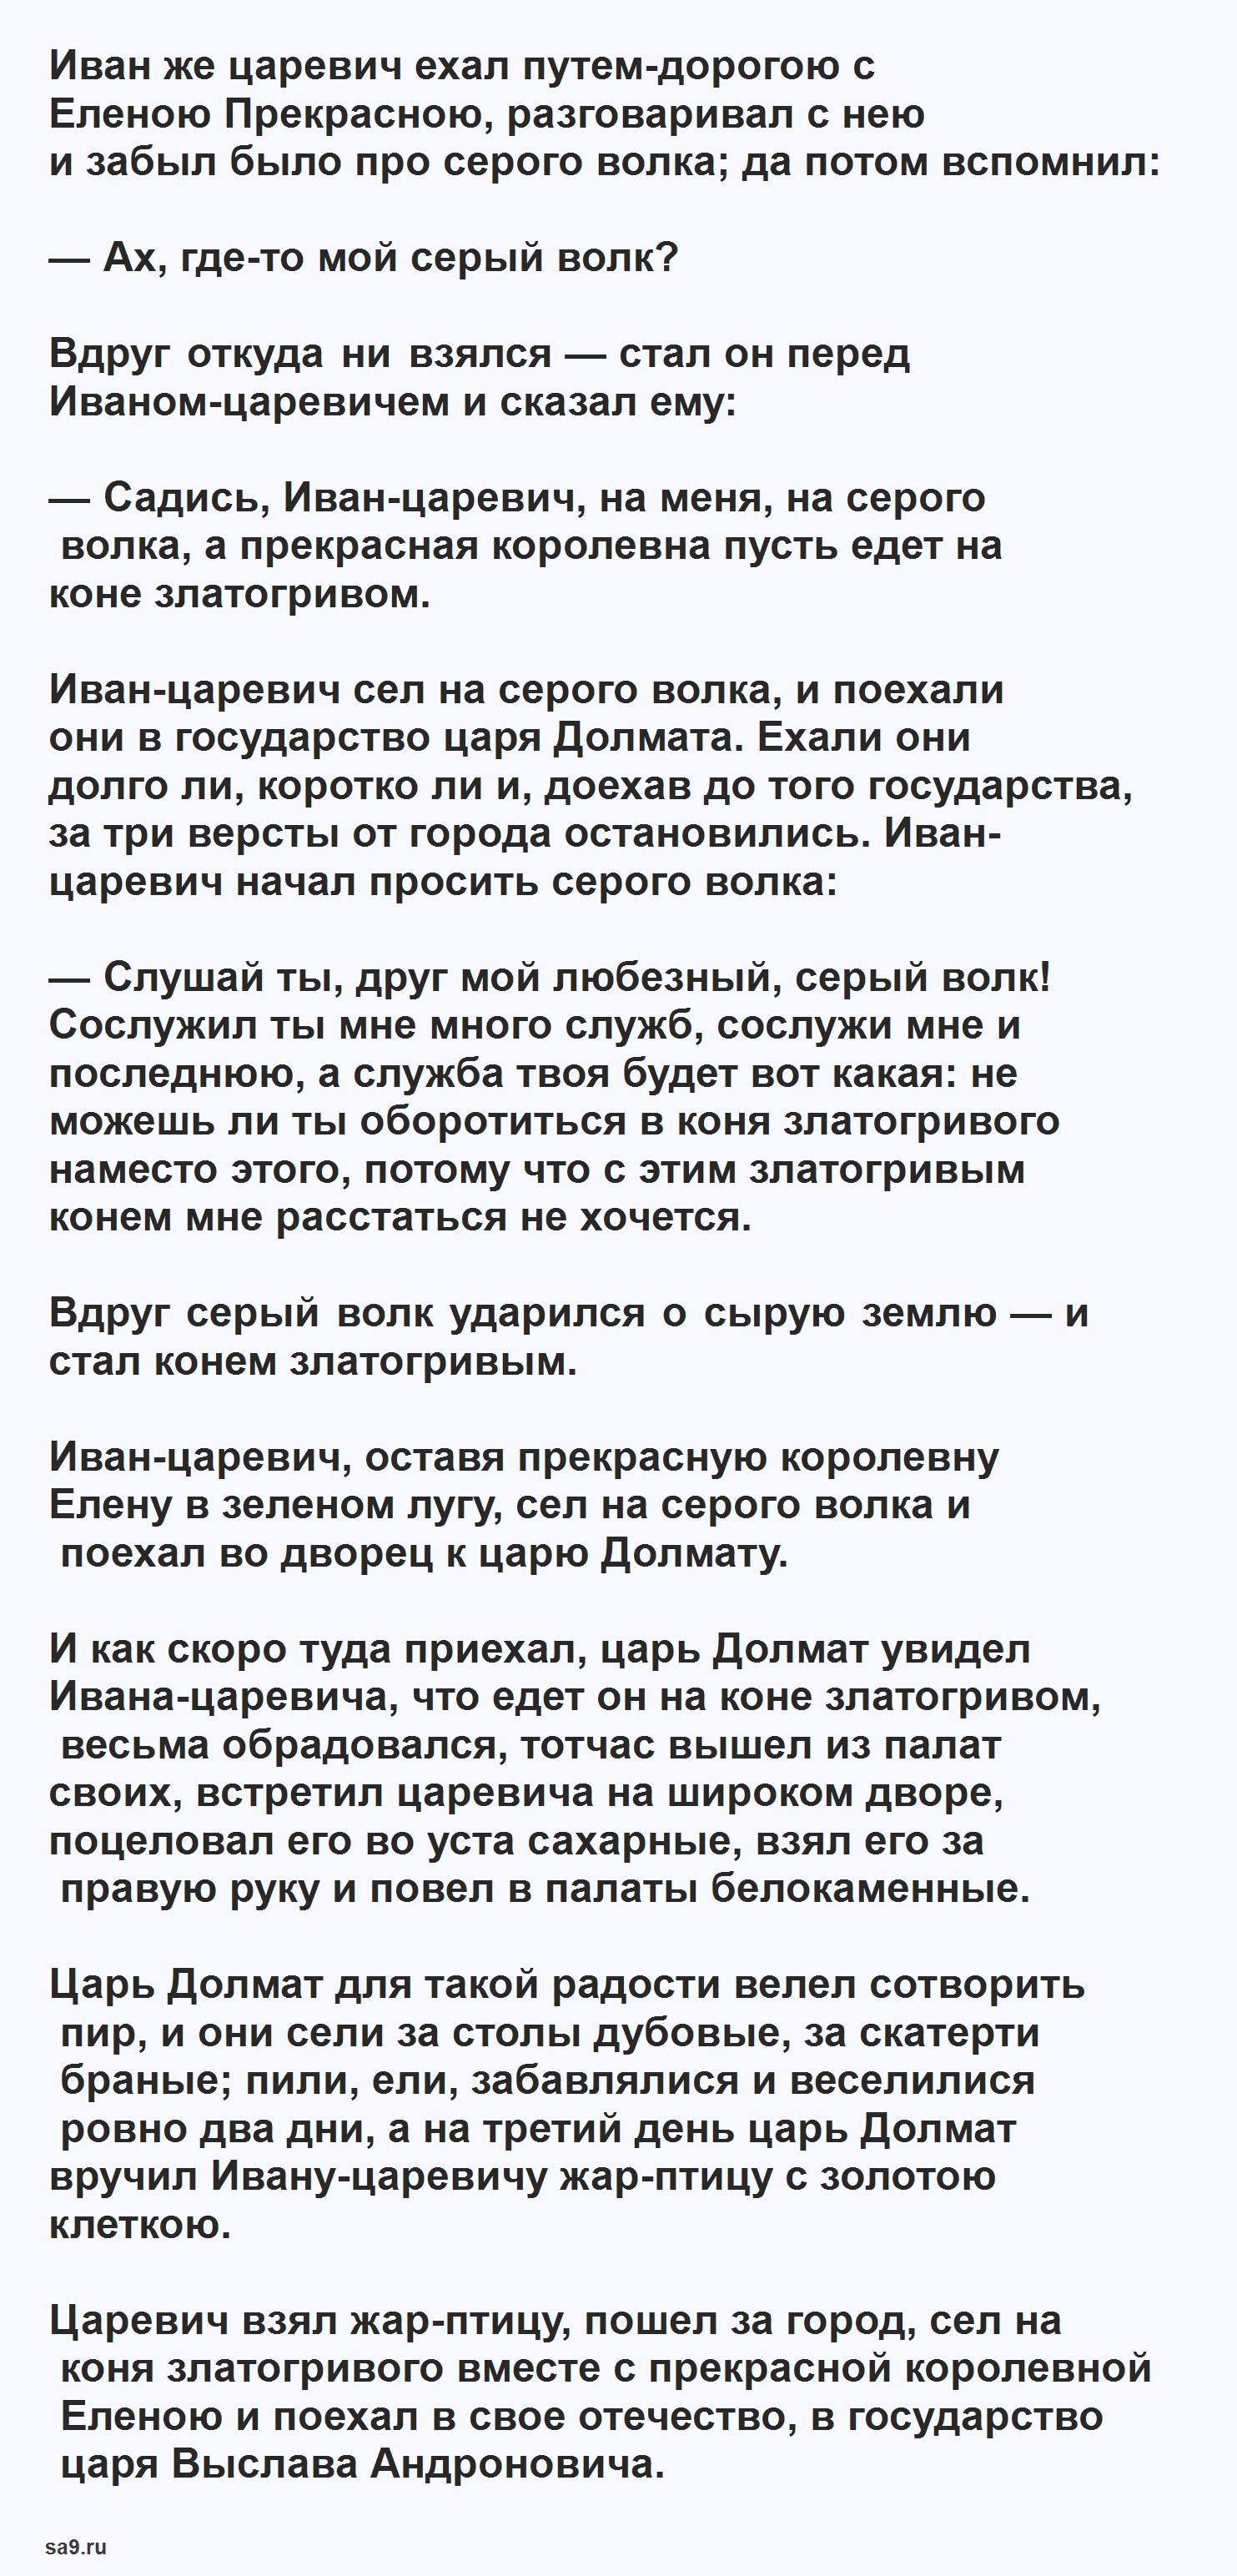 Об Иване царевиче, жар птице и сером волке- русская народная сказка, читать полностью